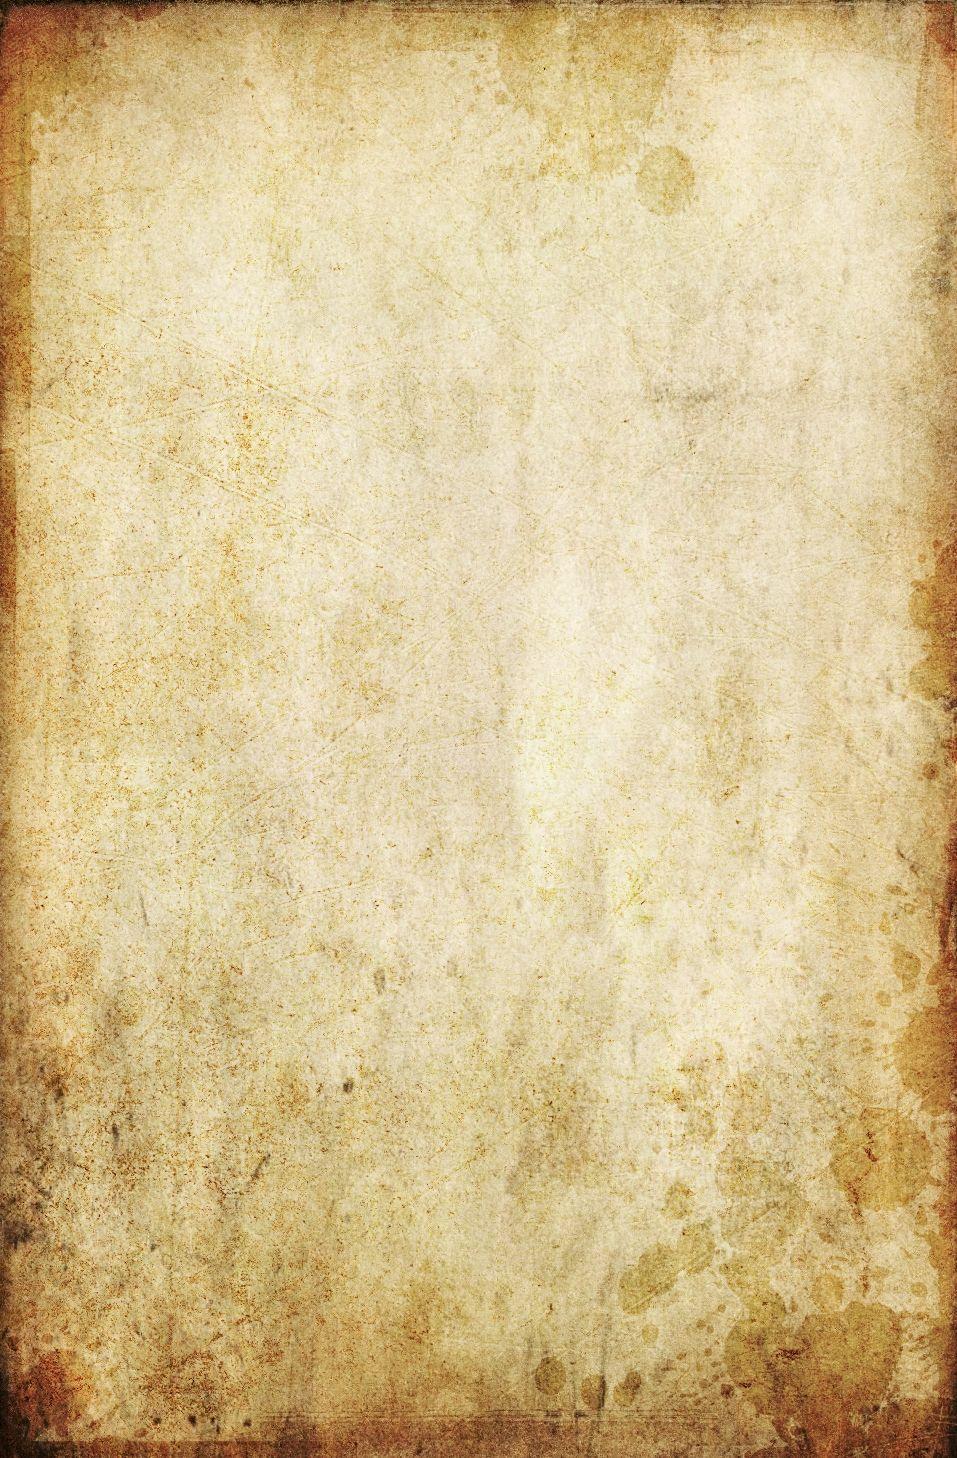 papier scrapbooking parchemin